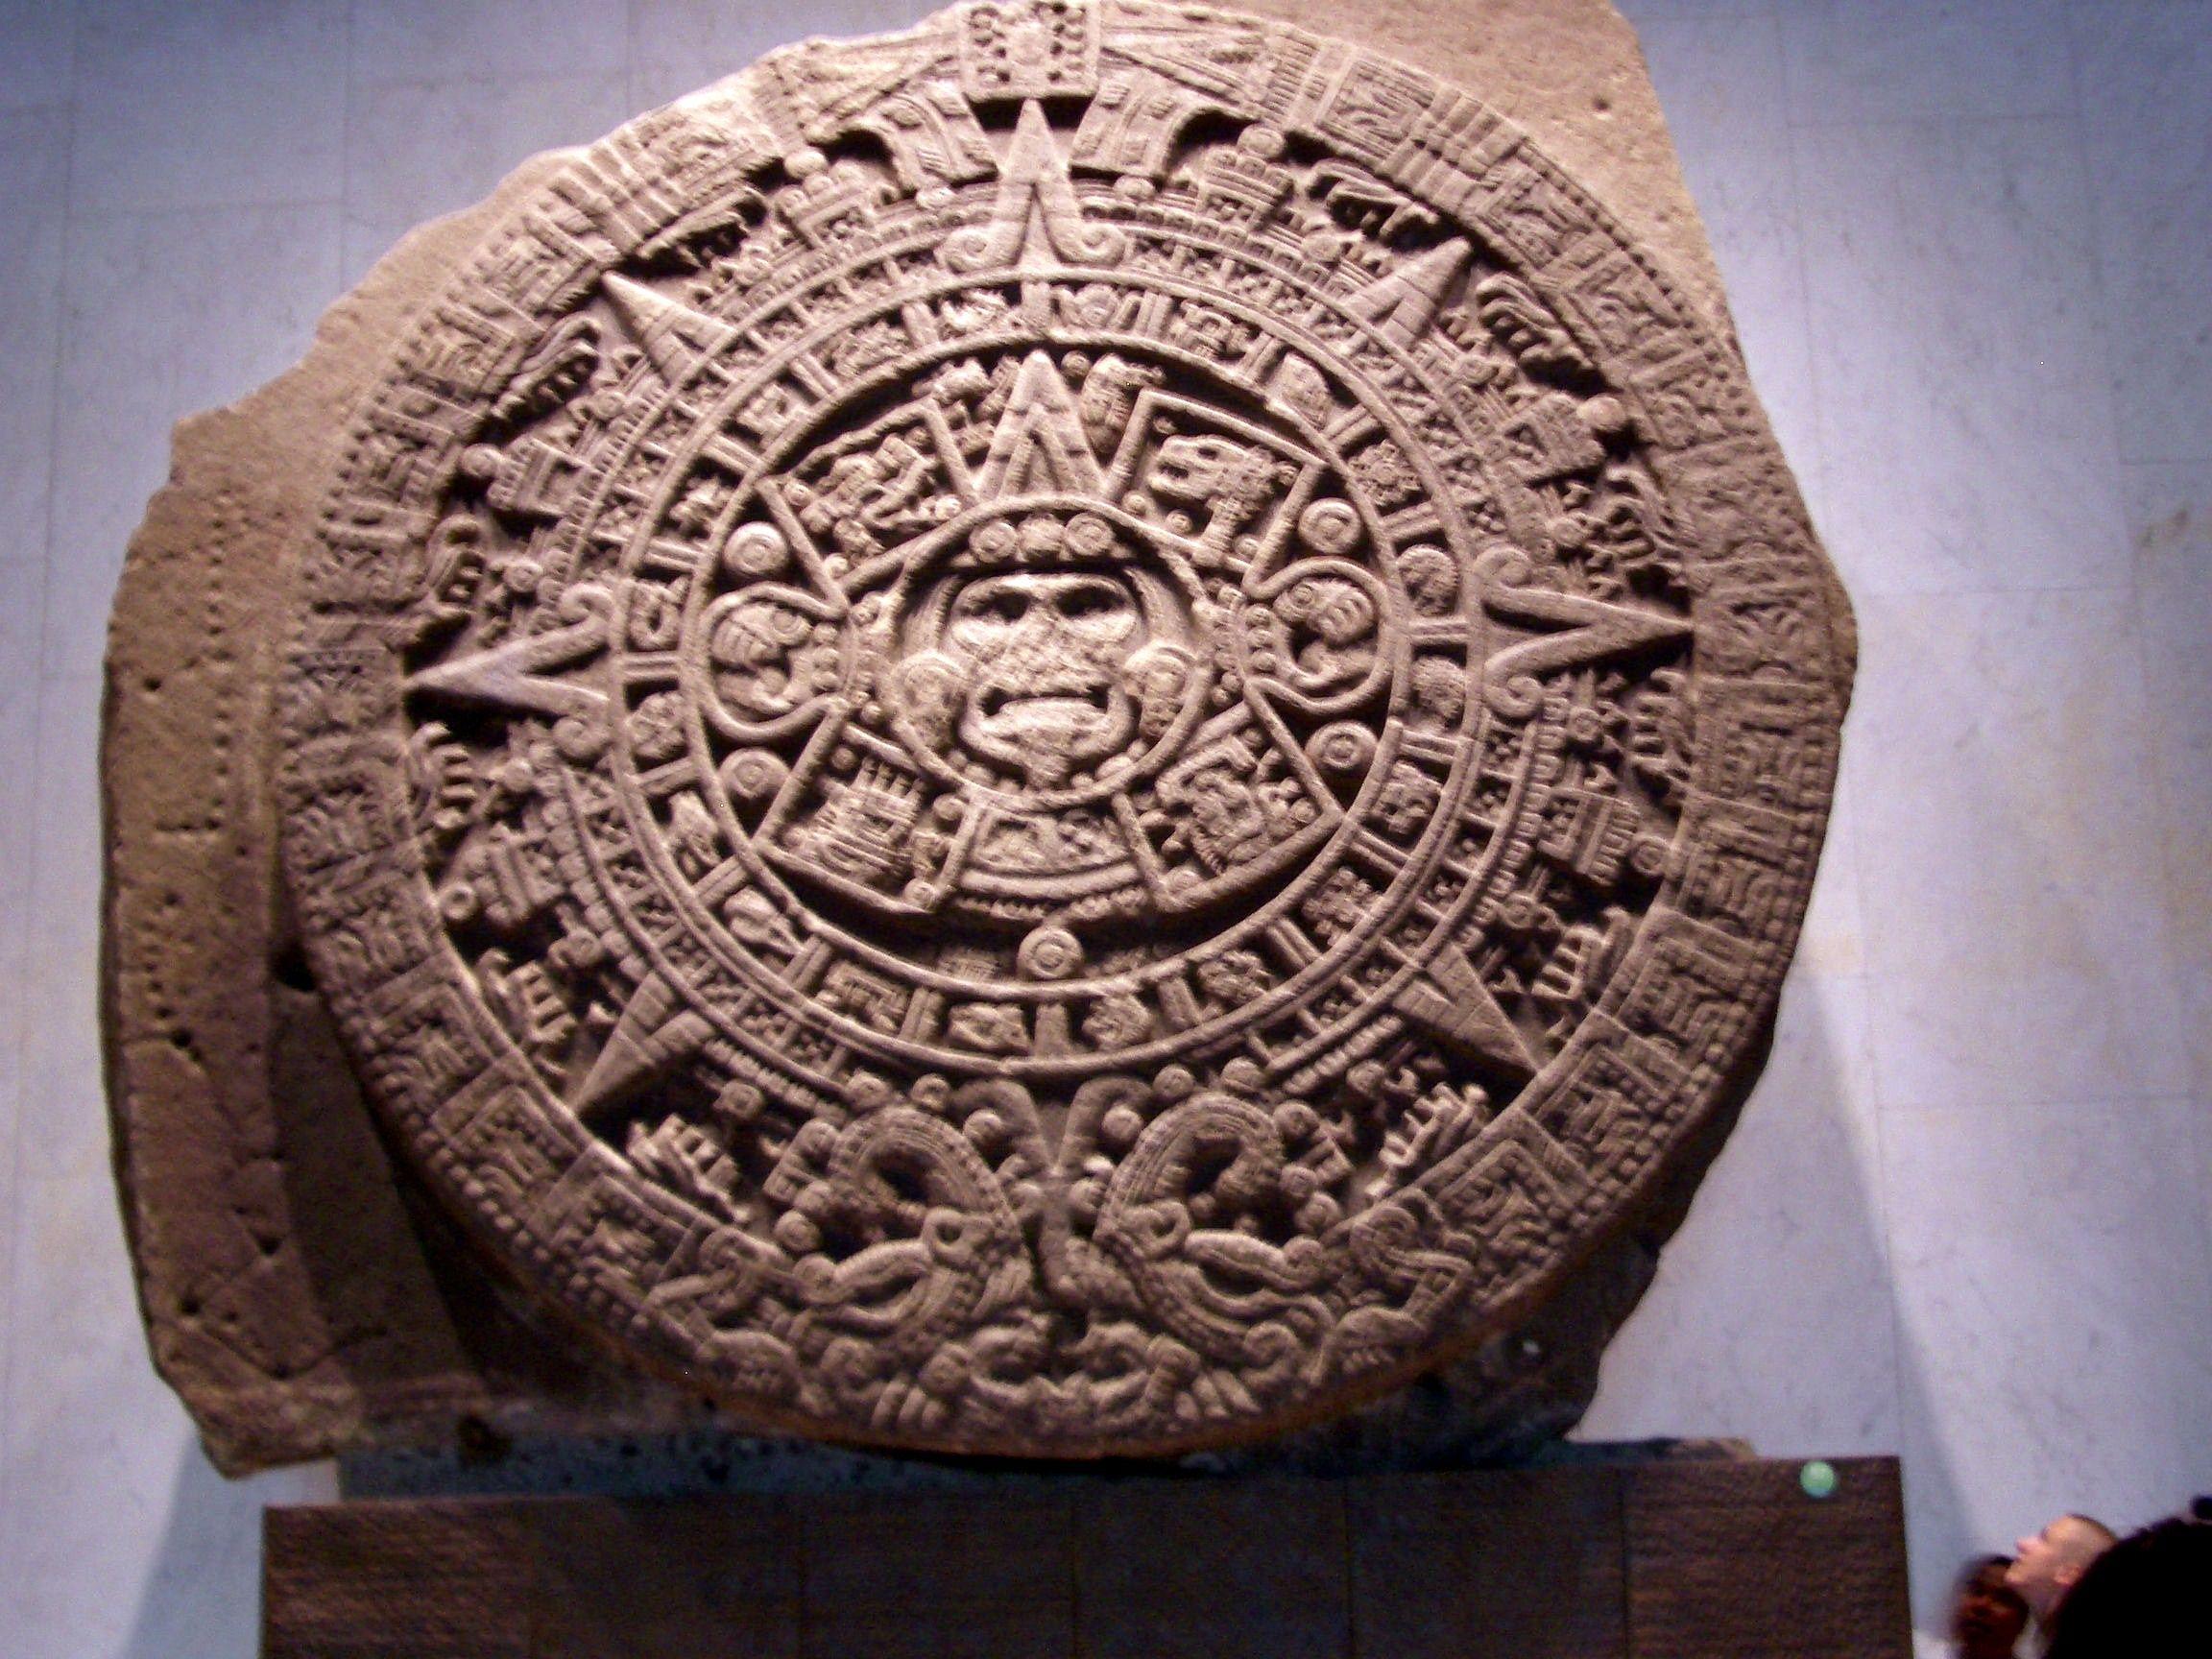 Maya-Kalender im Museum von Mexico-City